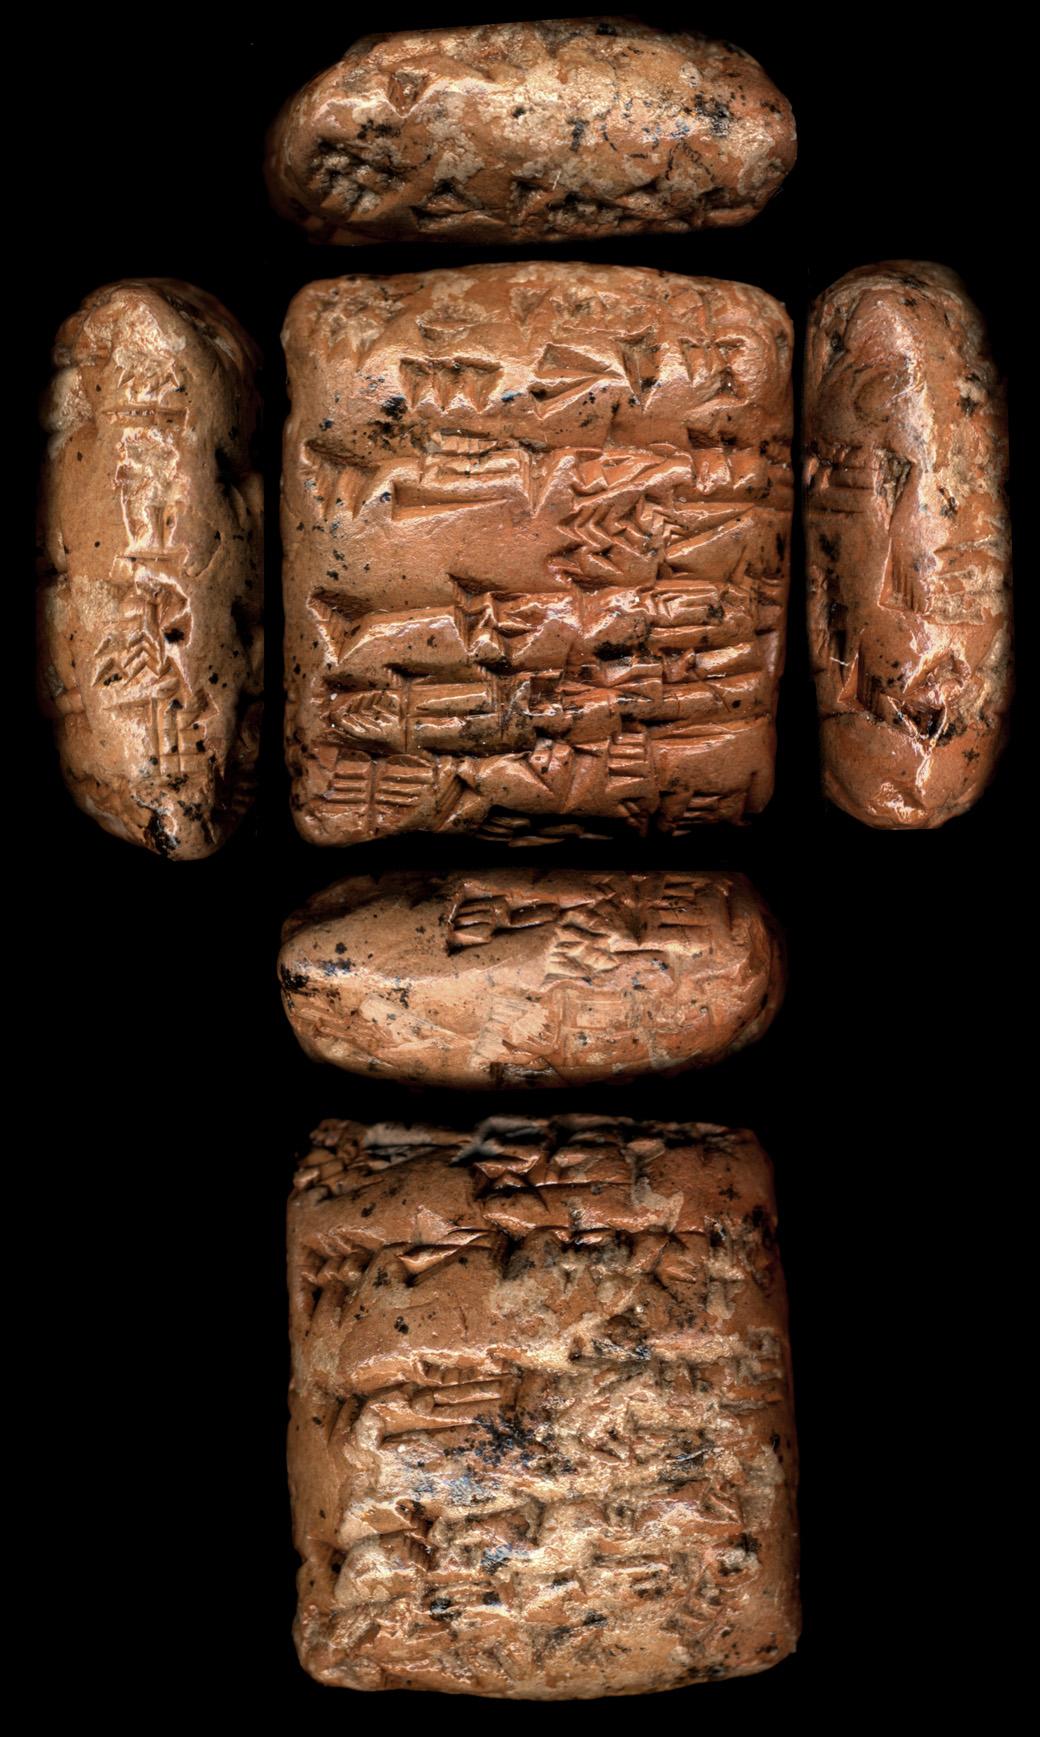 [Cuneiform tablet]. [Messenger text].